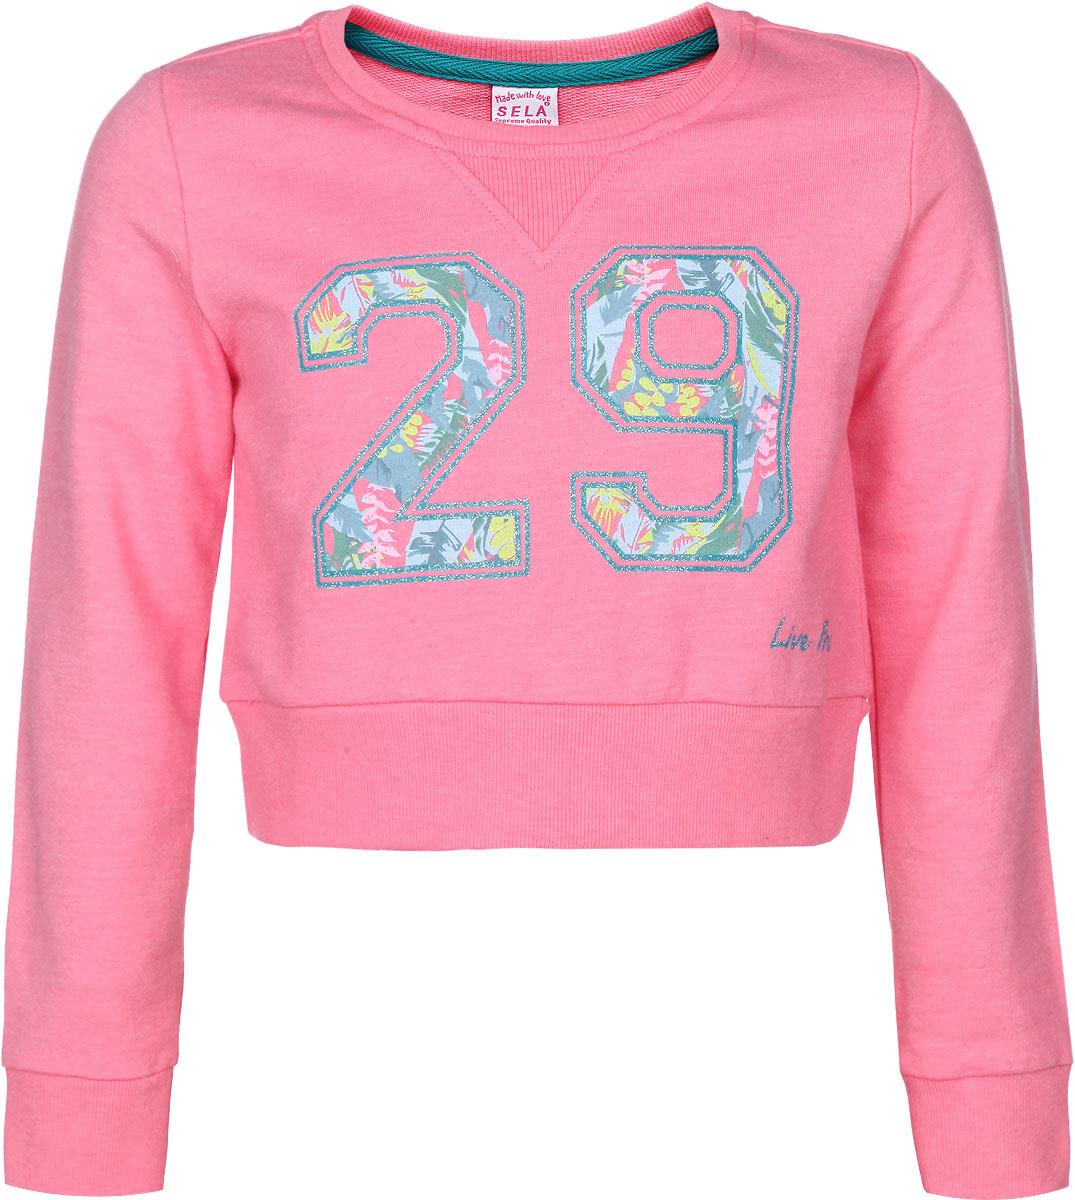 Свитшот для девочки Sela, цвет: розовый. St-613/061B-6121. Размер 116, 6 летSt-613/061B-6121Стильный свитшот для девочки Sela идеально подойдет вашей маленькой моднице в прохладные дни. Изготовленный из хлопка и полиэстера, он необычайно мягкий и приятный на ощупь, не сковывает движения и позволяет коже дышать, не раздражает даже самую нежную и чувствительную кожу ребенка, обеспечивая ему наибольший комфорт. Укороченный свитшот с длинными рукавами и круглым вырезом горловины спереди оформлен крупной термоаппликацией в виде числа 29 с блестящим напылением. Рукава имеют широкие трикотажные манжеты, не стягивающие запястья. Понизу проходит широкая трикотажная резинка. Вырез горловины также дополнен трикотажной эластичной резинкой. Современный дизайн и расцветка делают этот свитшот модным и стильным предметом детского гардероба. В нем ваша дочурка будет чувствовать себя уютно и комфортно, и всегда будет в центре внимания!